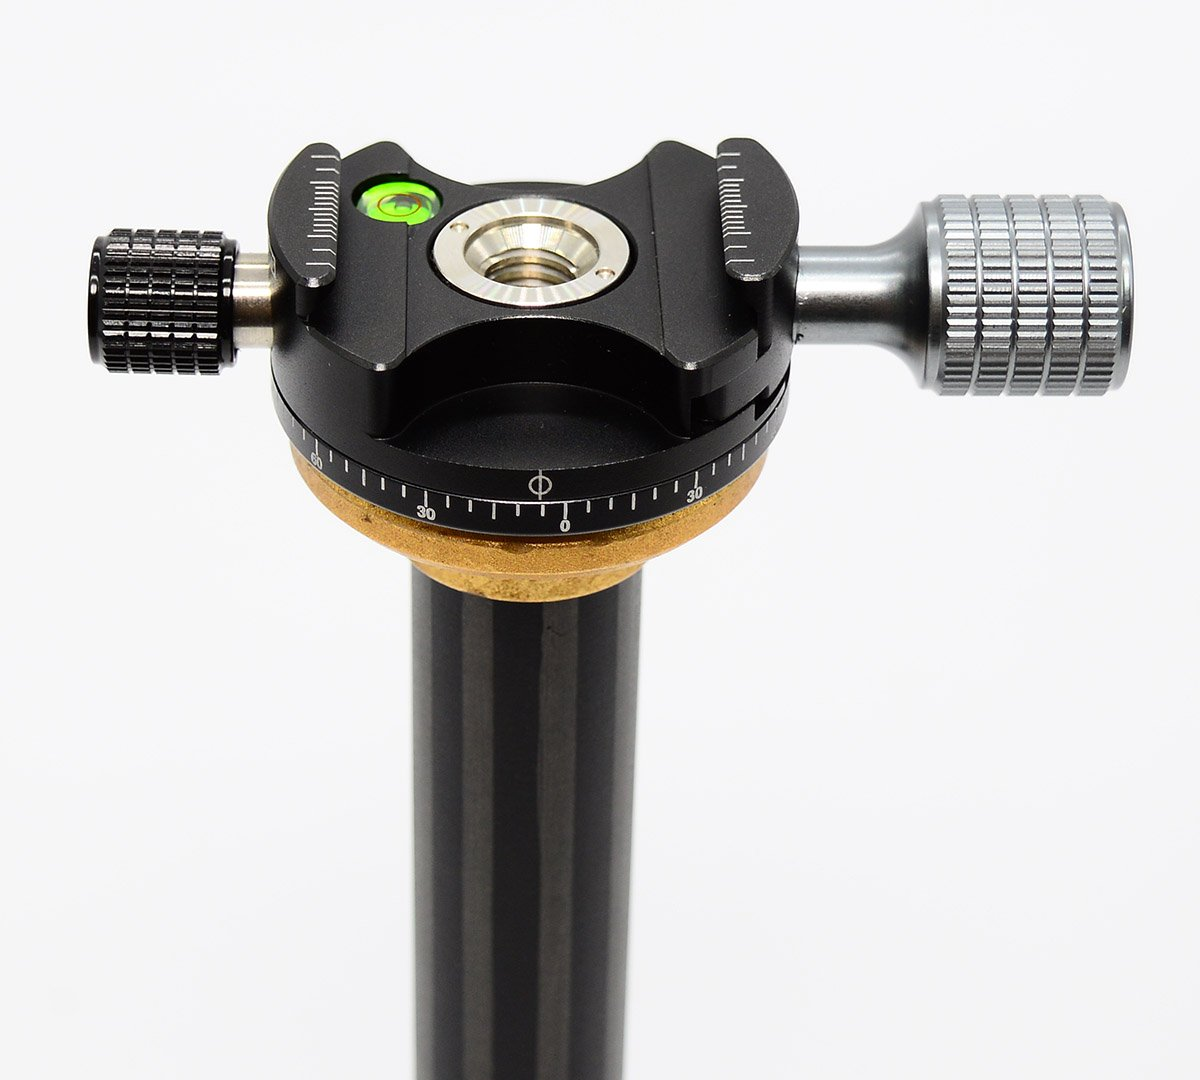 carga m/áxima: 8KG E1-ballhaed Peso neto solamente 170G Koolehaoda Mini cabeza de tr/ípode E1 Cabeza de bola Con placa de liberaci/ón r/ápida